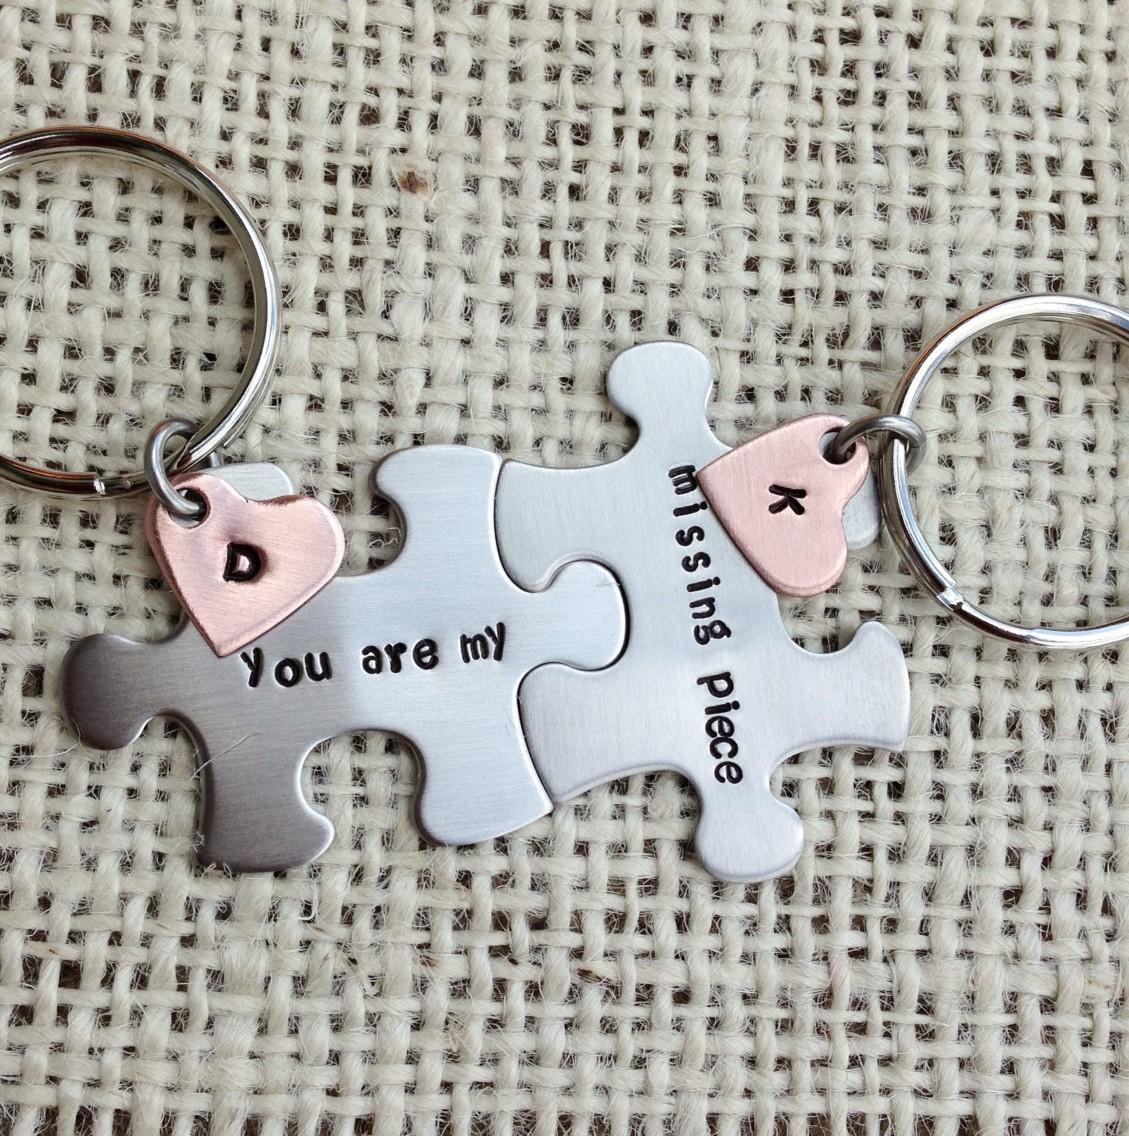 Love Puzzle Quotes: Cute Puzzle Piece Quotes. QuotesGram